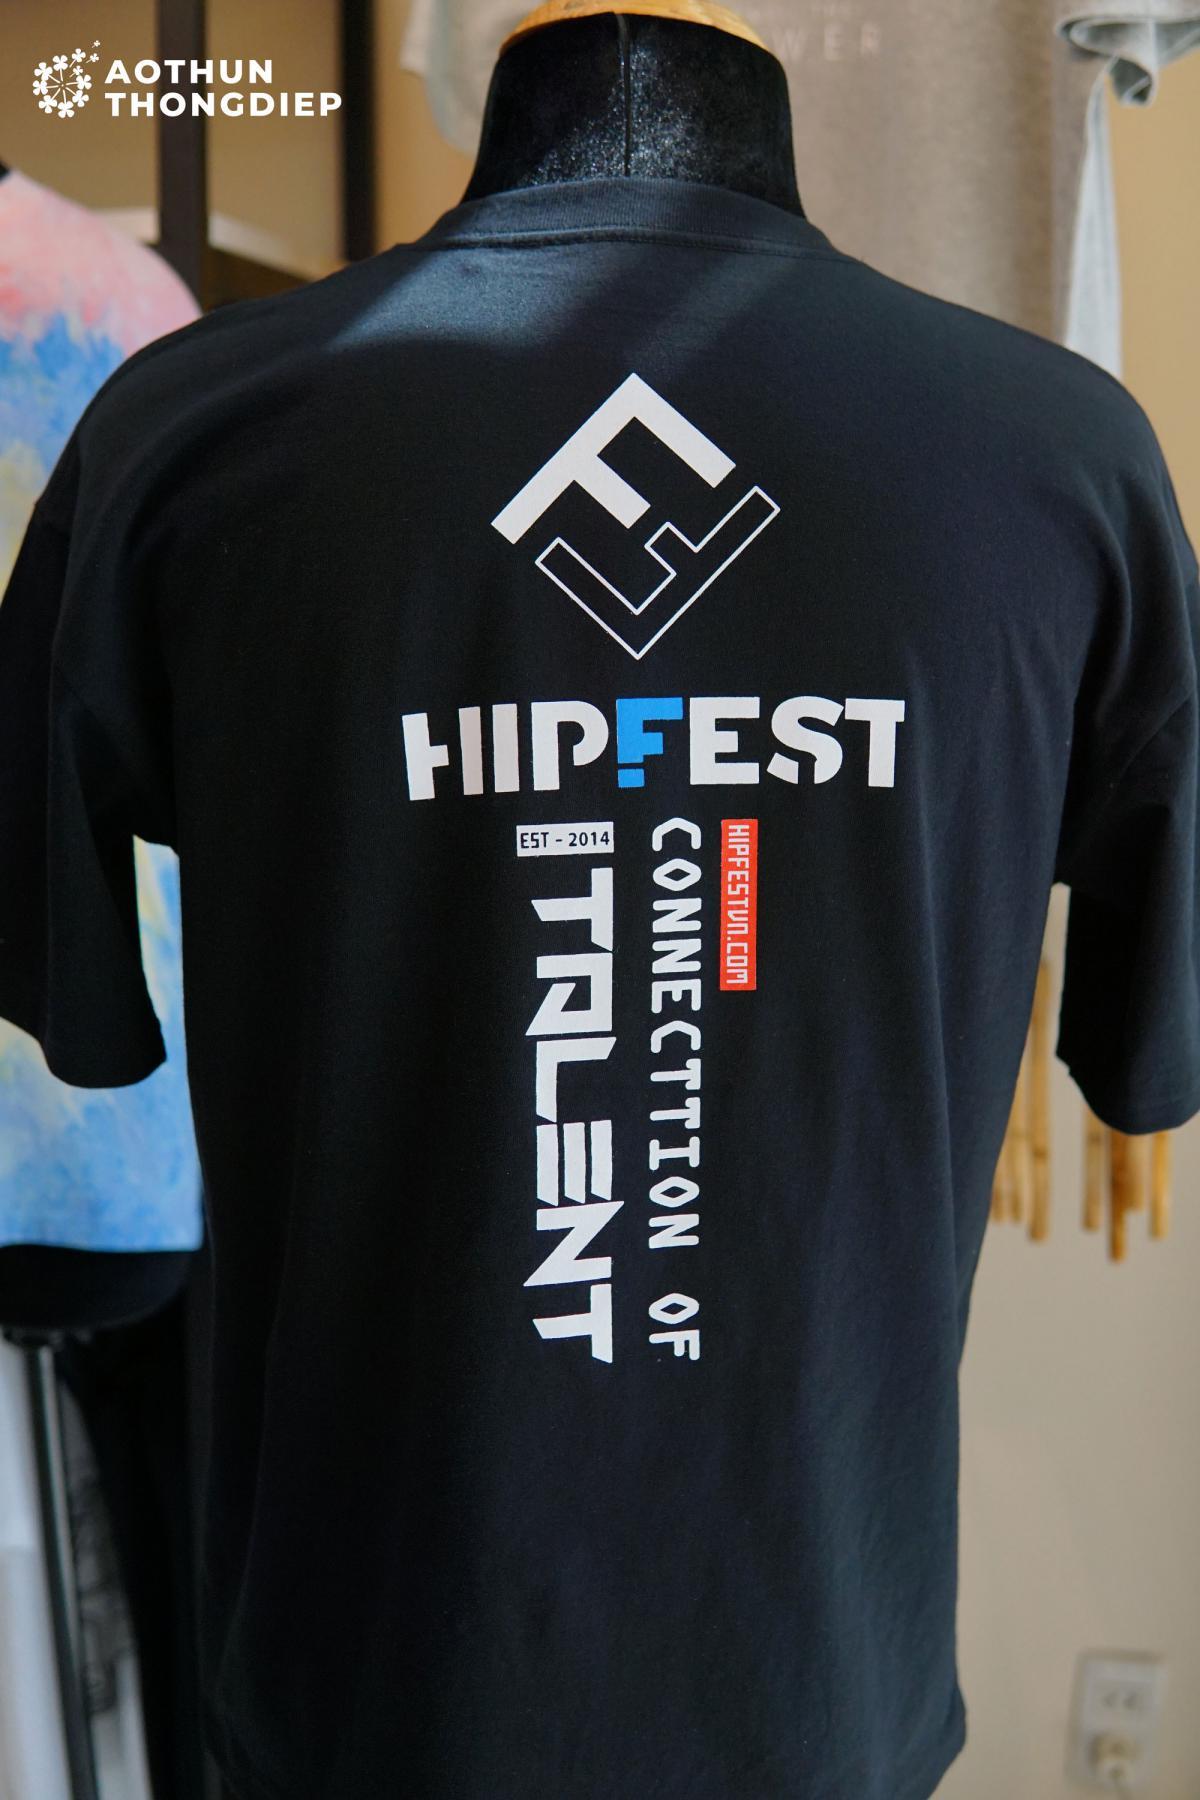 Đồng phục CLB nhóm Hipfest #2